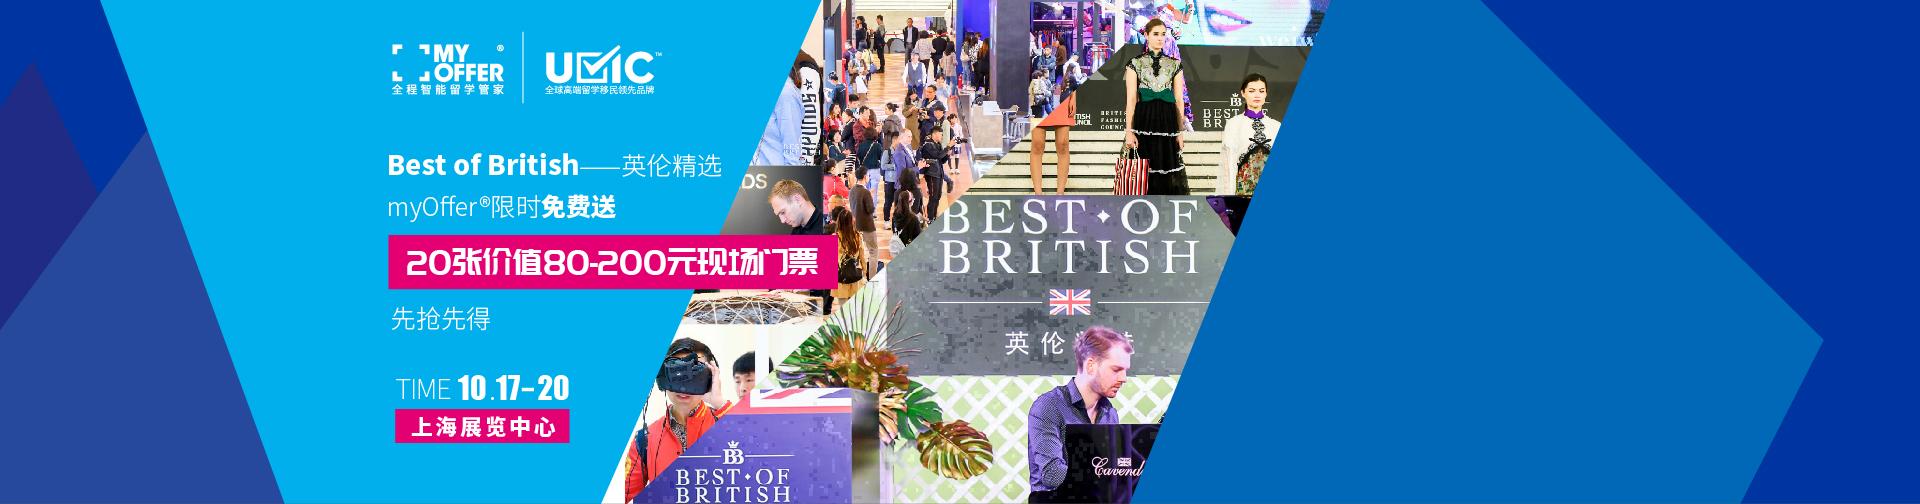 http://myoffer-public.oss-cn-shenzhen.aliyuncs.com/banners/d68e80f132a6cb070512ca19fecd625e-544778-1920x504.jpeg